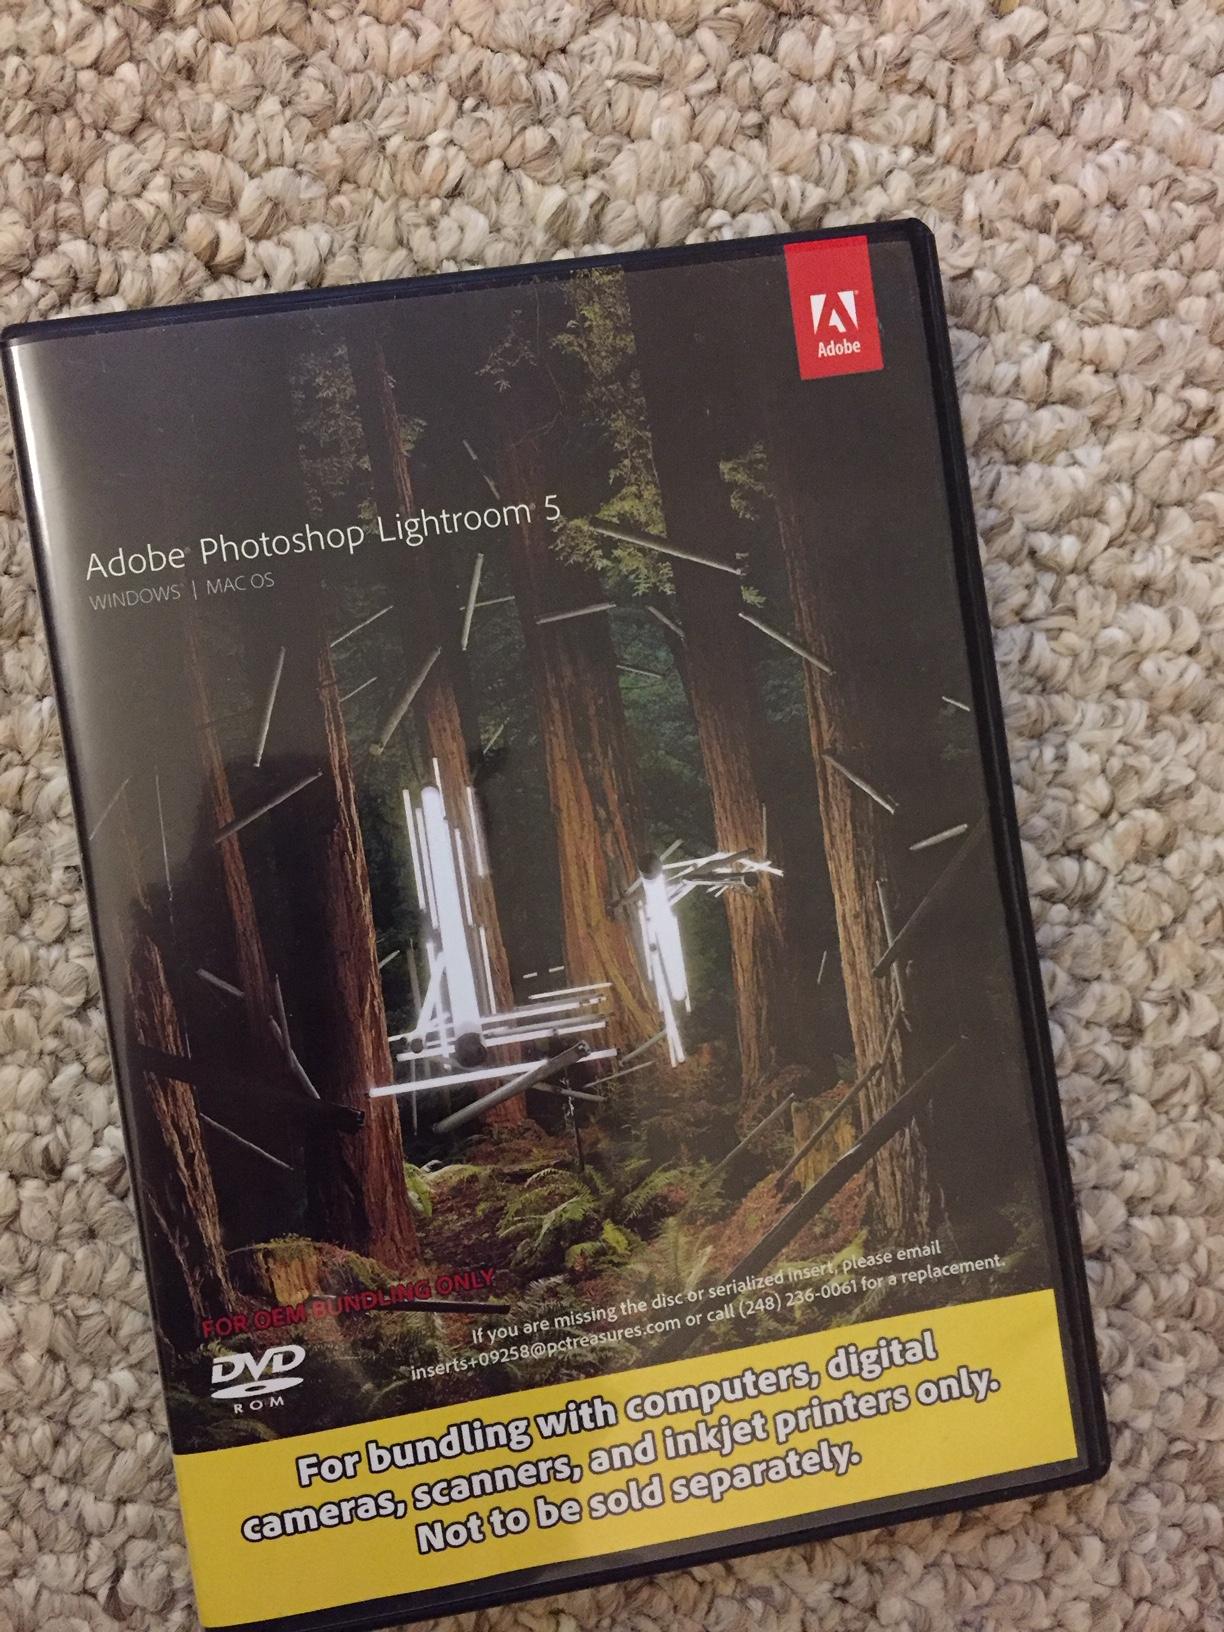 Sold: Adobe Lightroom 5 disc and key code - FM Forums